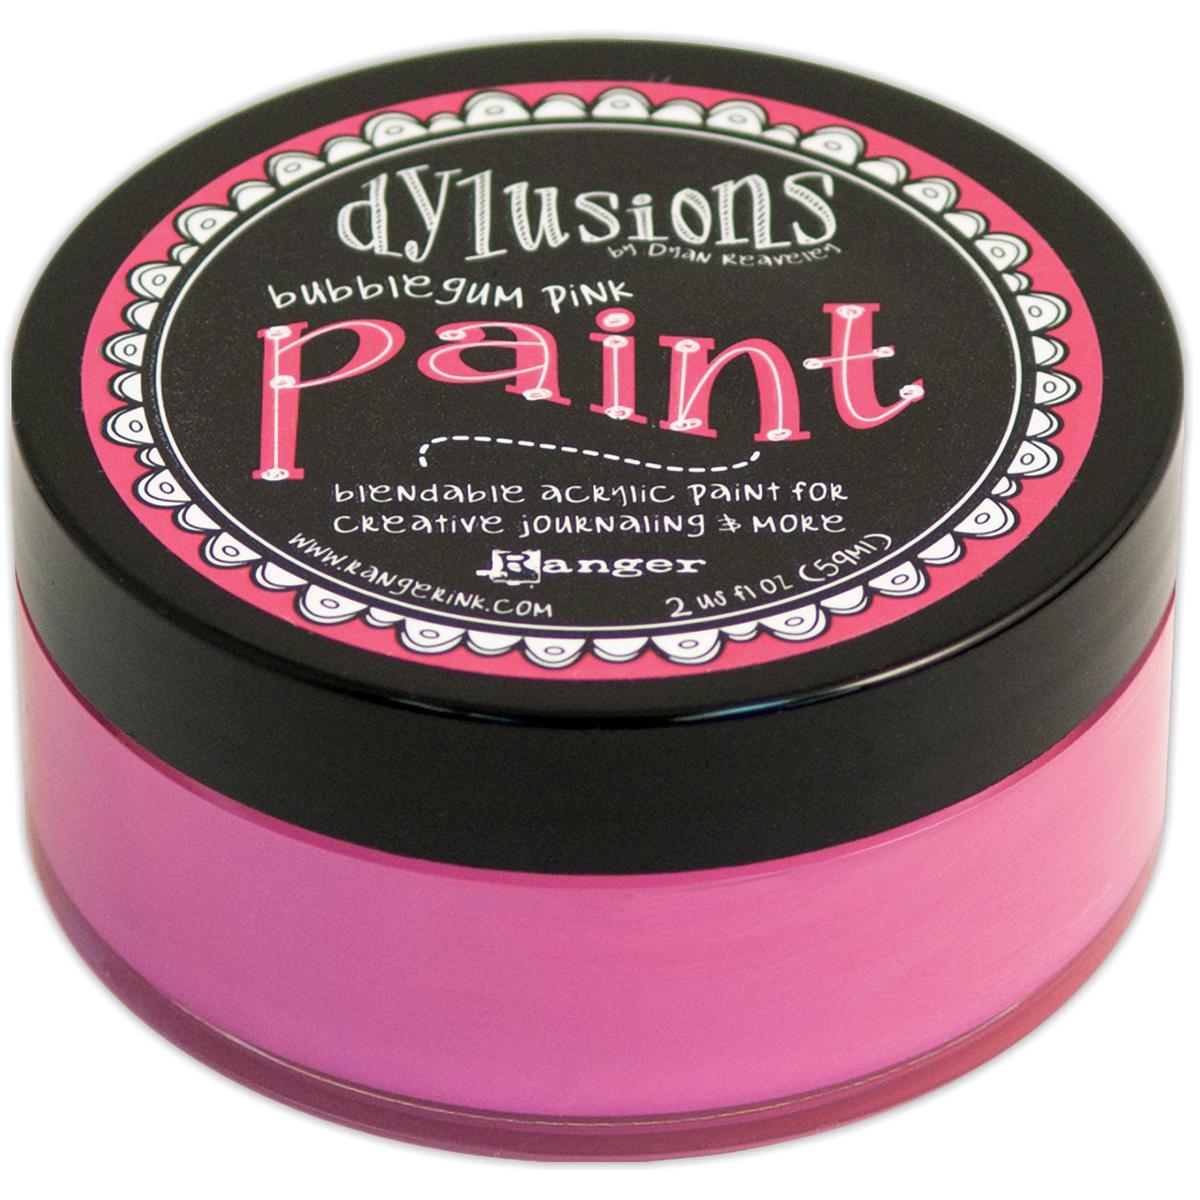 bubblegum pink paint